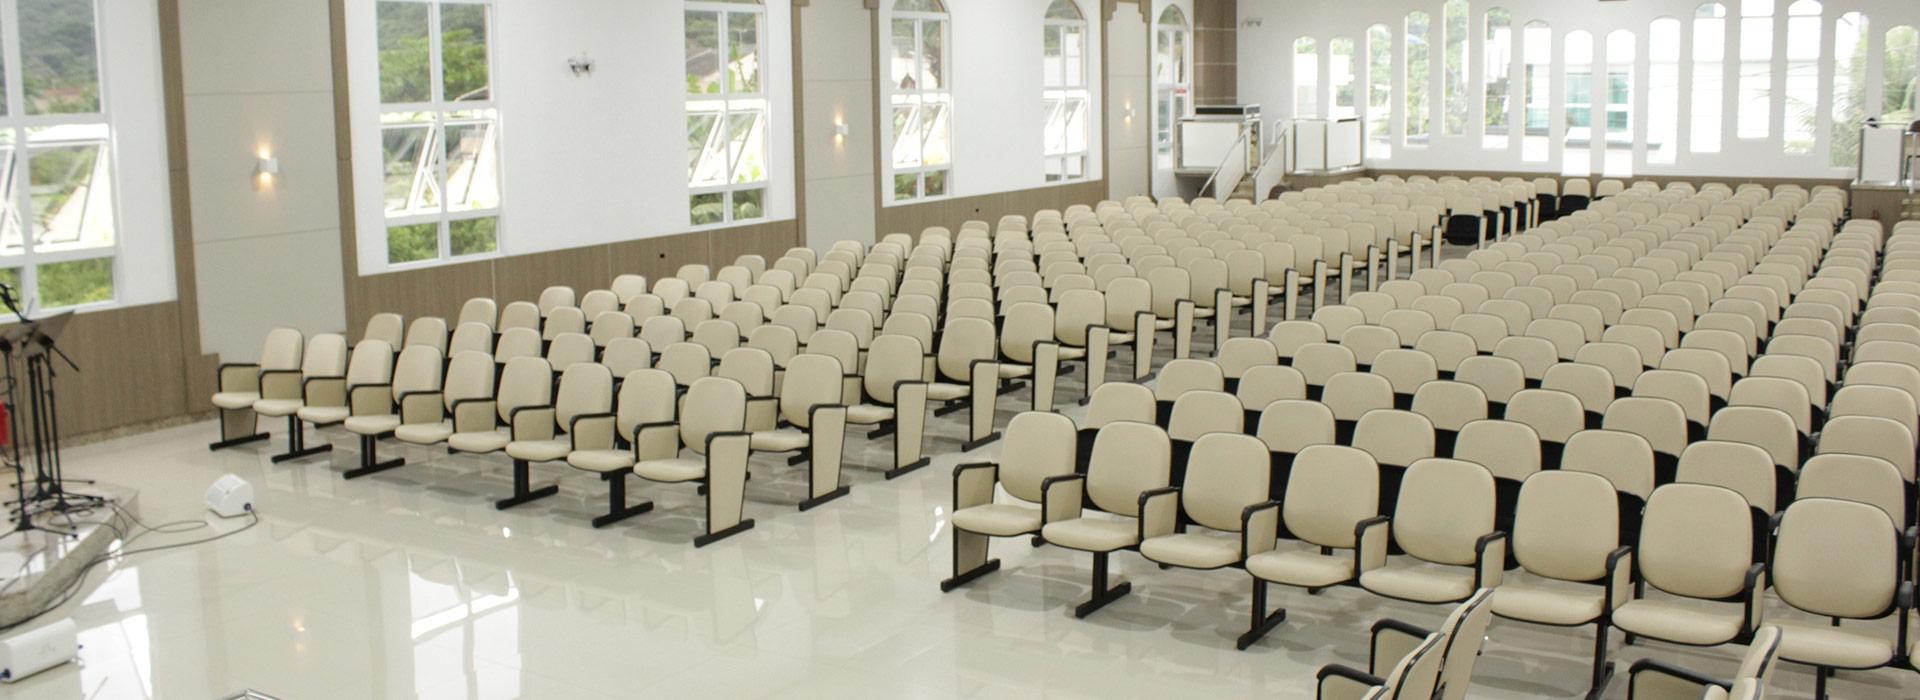 <strong>Assembleia de Deus </strong><br>ITAPEMA SC - RS